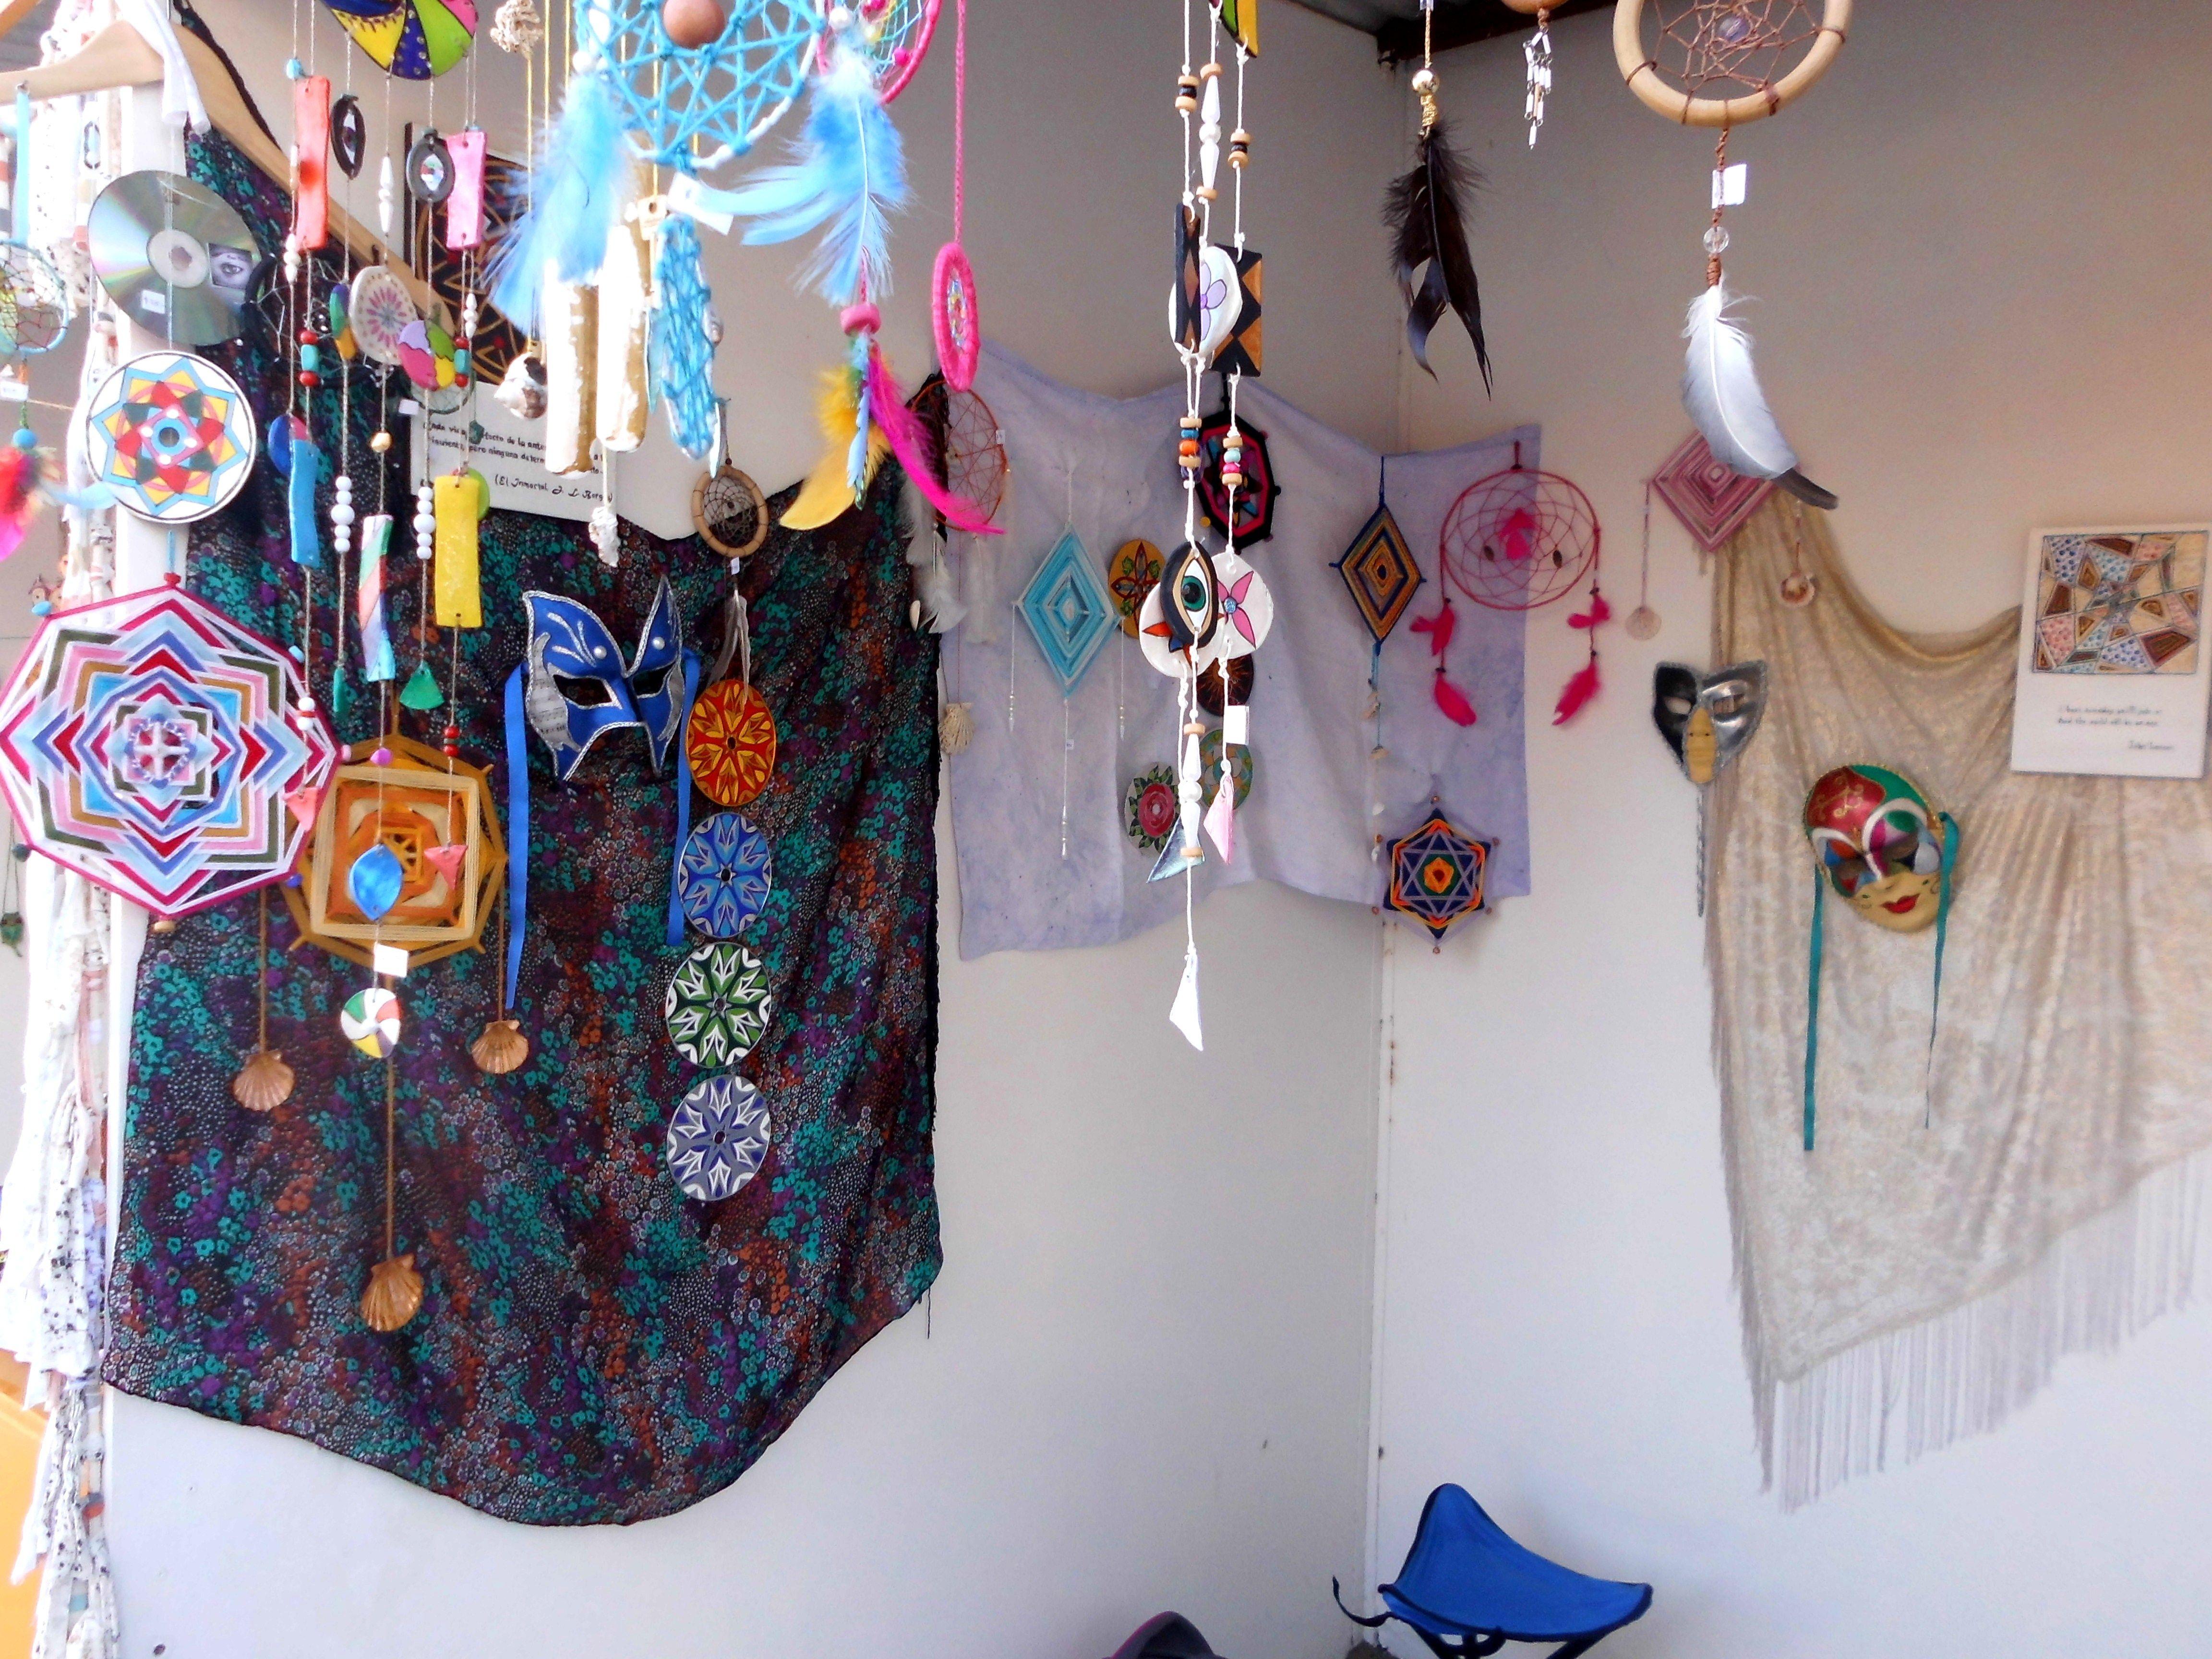 Feria de Artesanos de Rada Tilly - Verano 2014